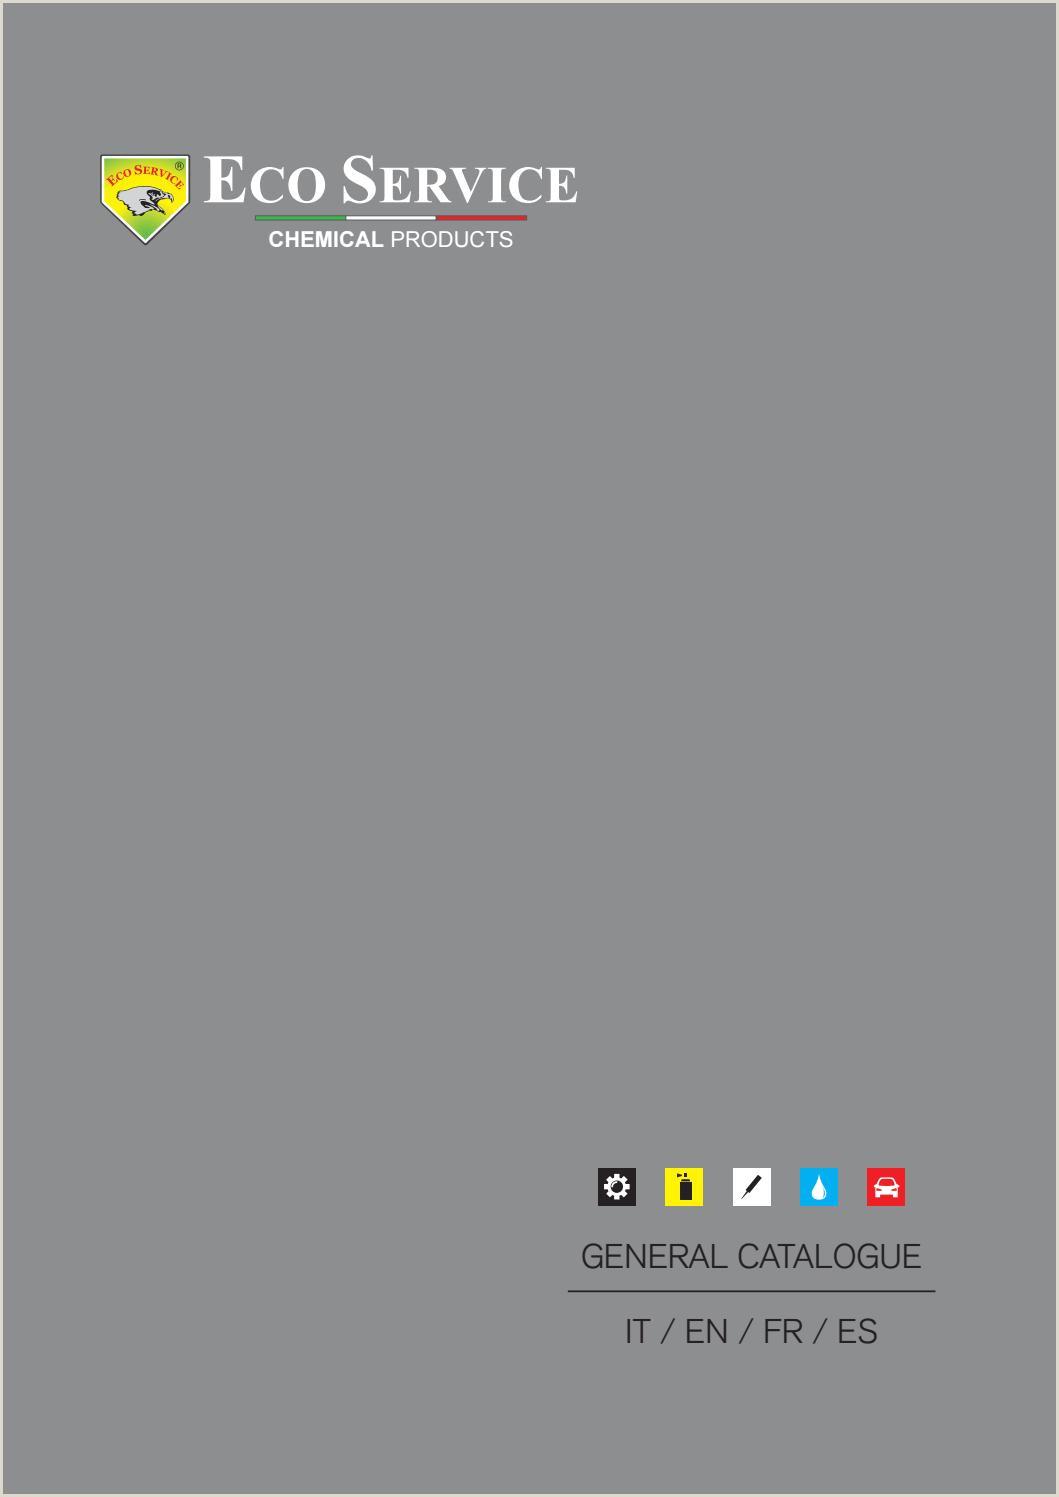 Descargar Hoja De Vida De La Funcion Publica Ecoservice Catalogo by E T Edizioni Tecniche Srl issuu